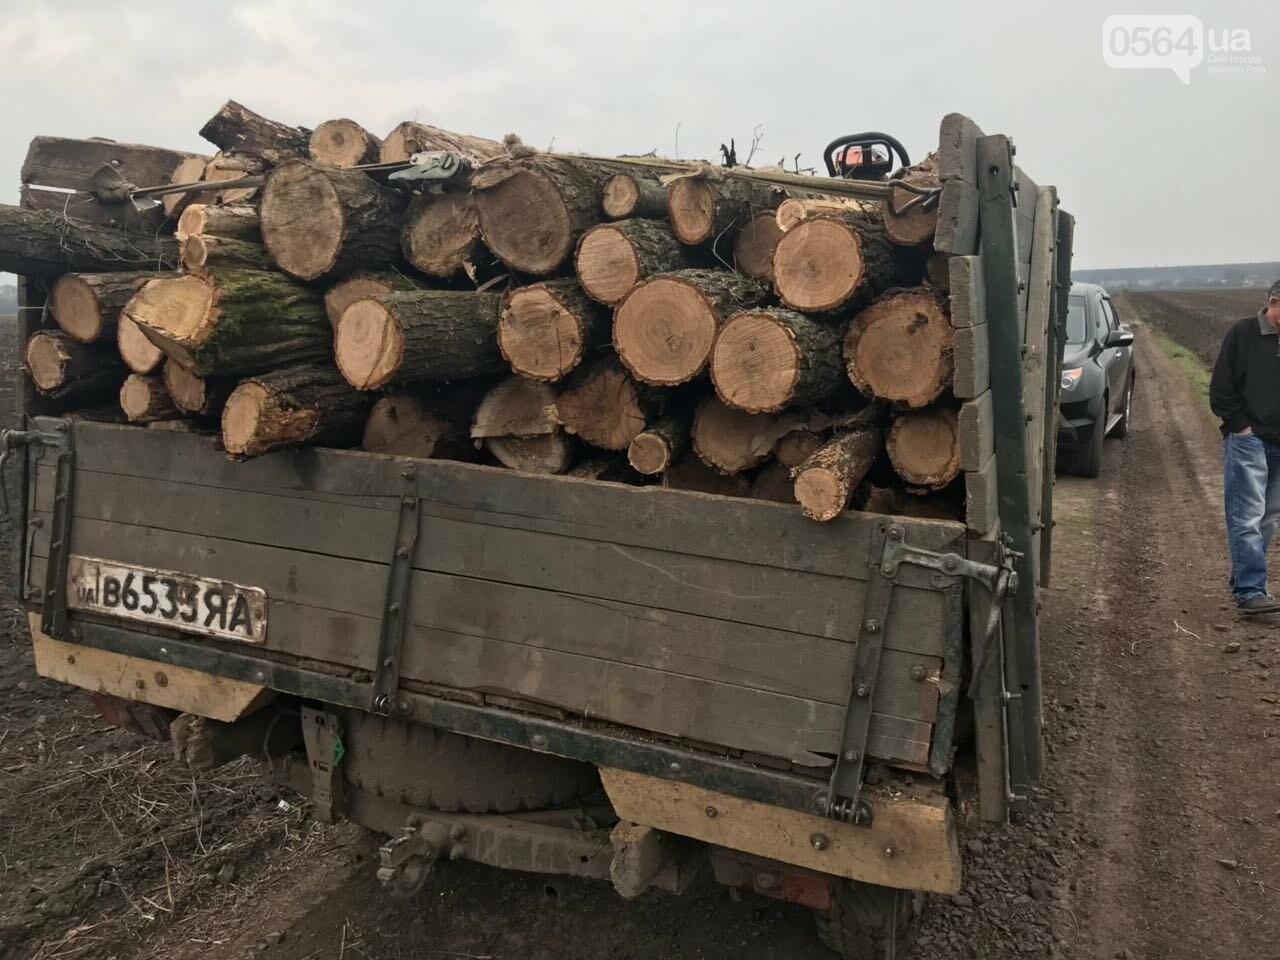 Прокуратура: В Кривом Роге лес уничтожали те, кто должен был его защищать (ФОТО), фото-4